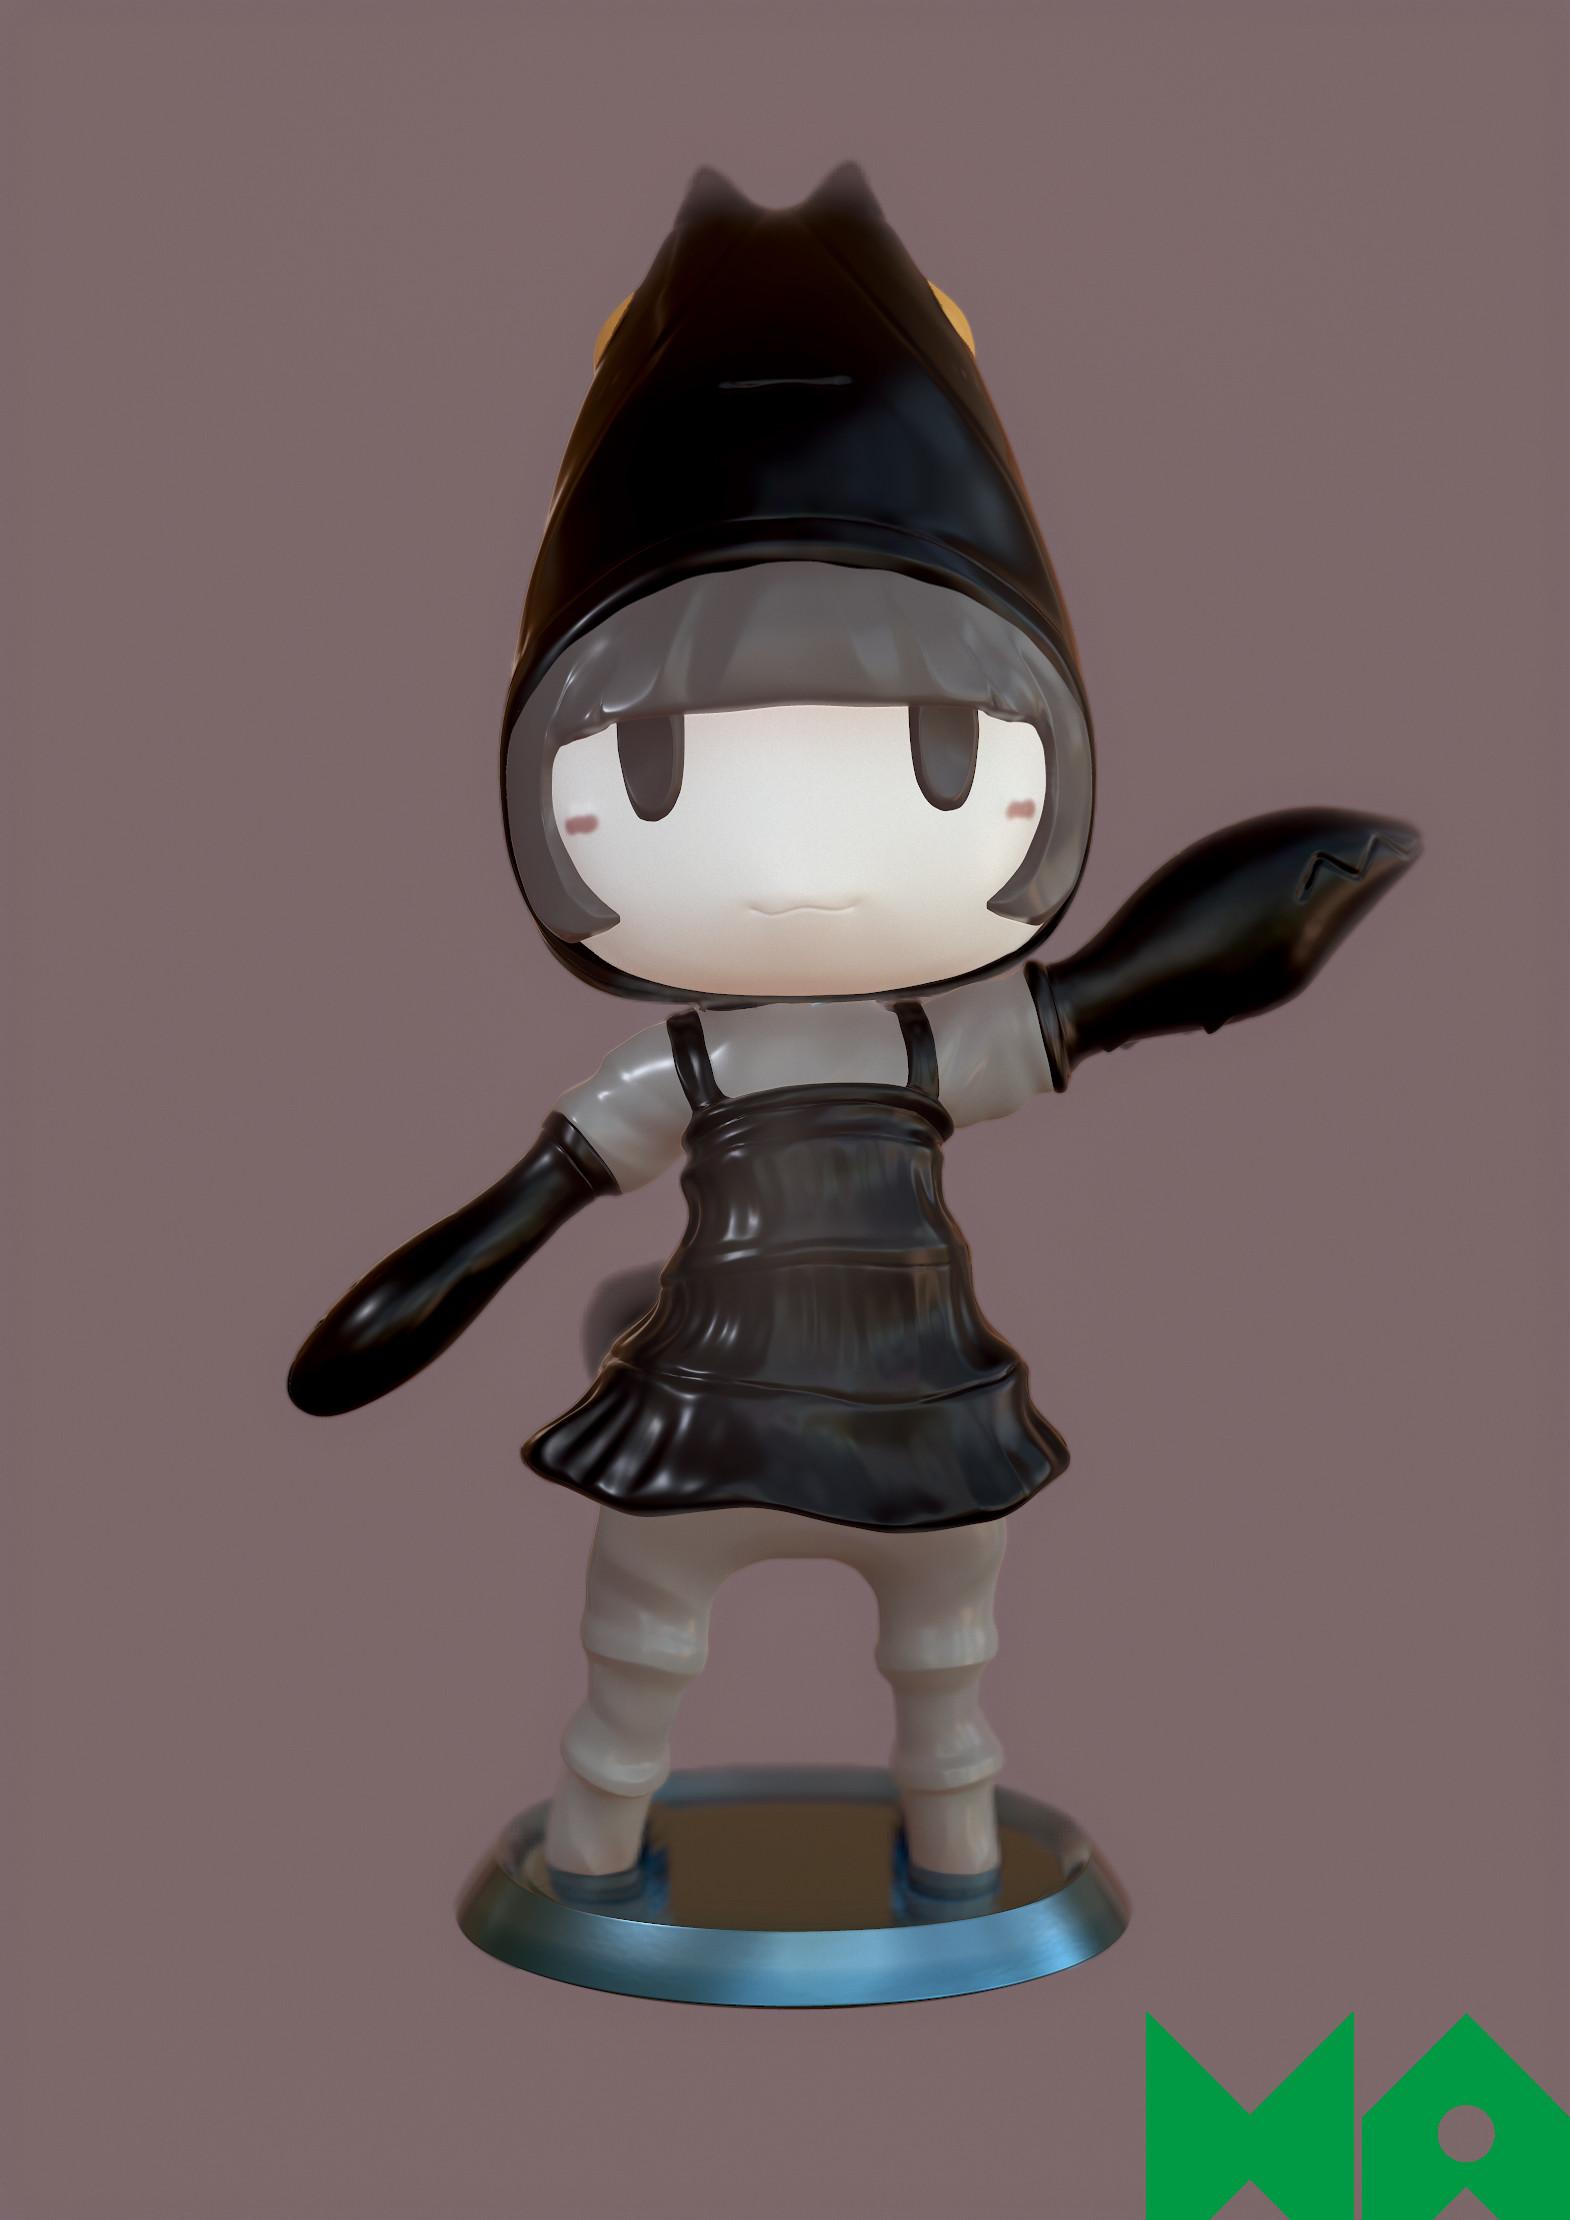 Masatomo suzuki screenshot004